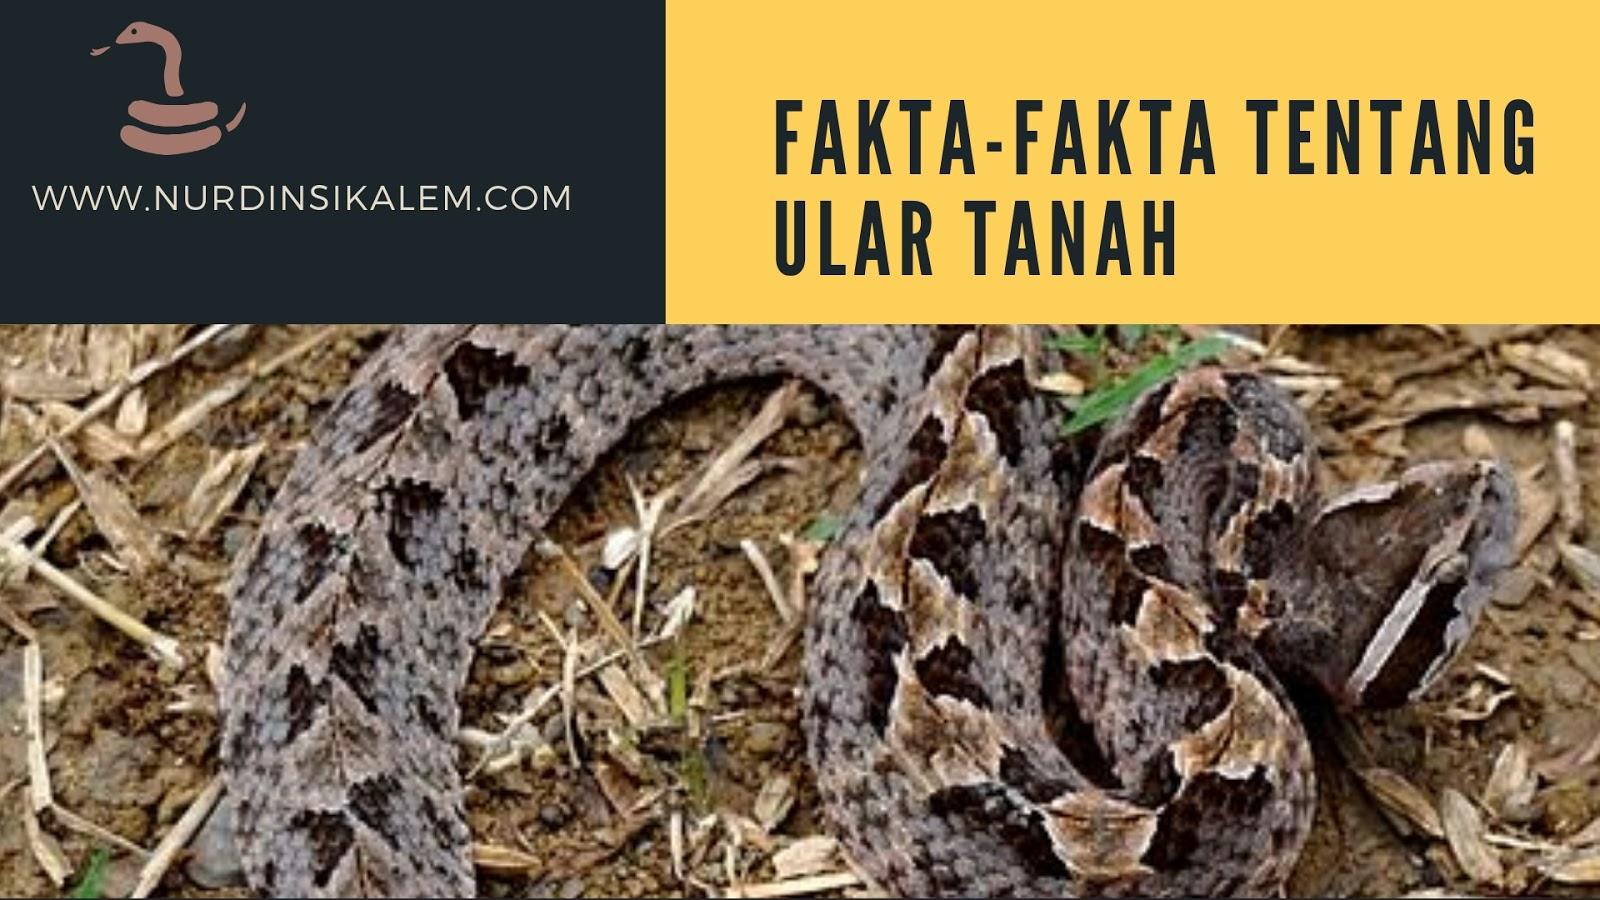 Gambar ular tanah 1